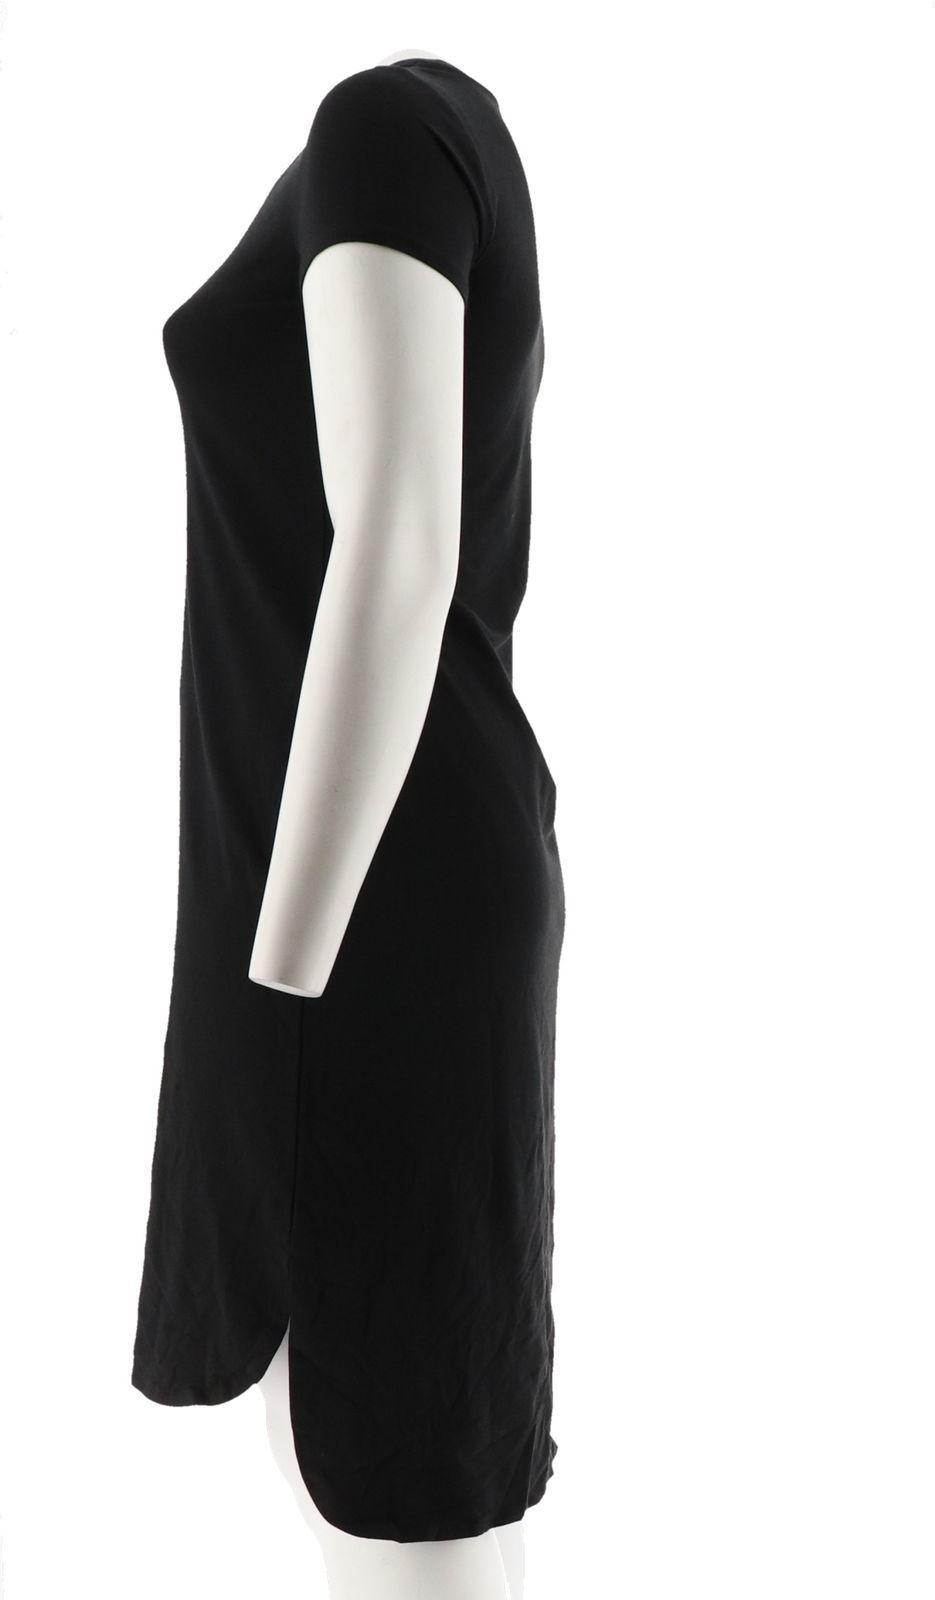 H Halston Essentials Knit Midi Dress Shirttail Hem Black XS NEW A290894 image 2